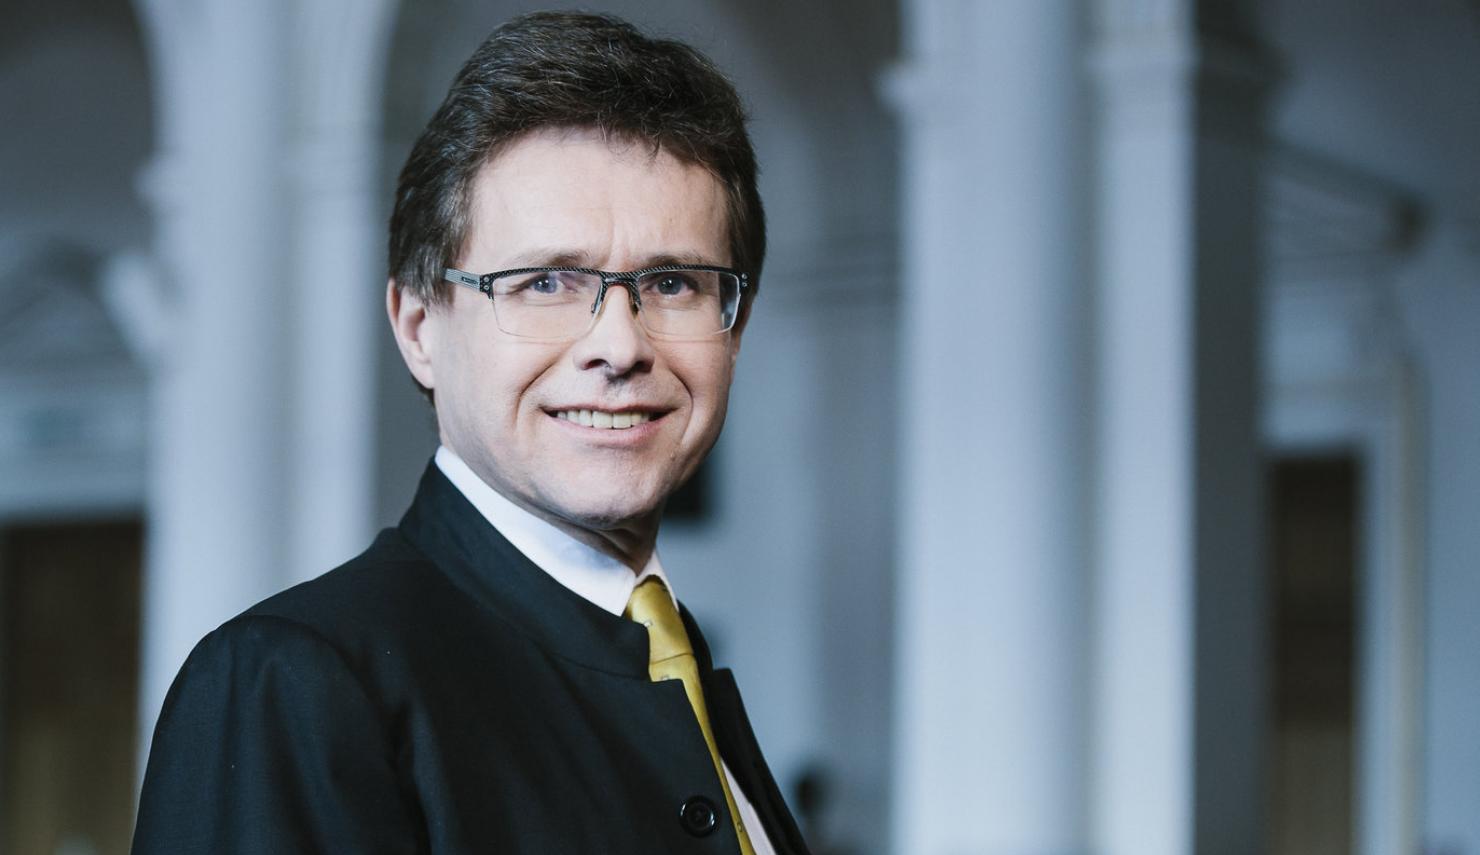 Rektor der Uni Graz Martin Polaschek mit Brille und Anzug